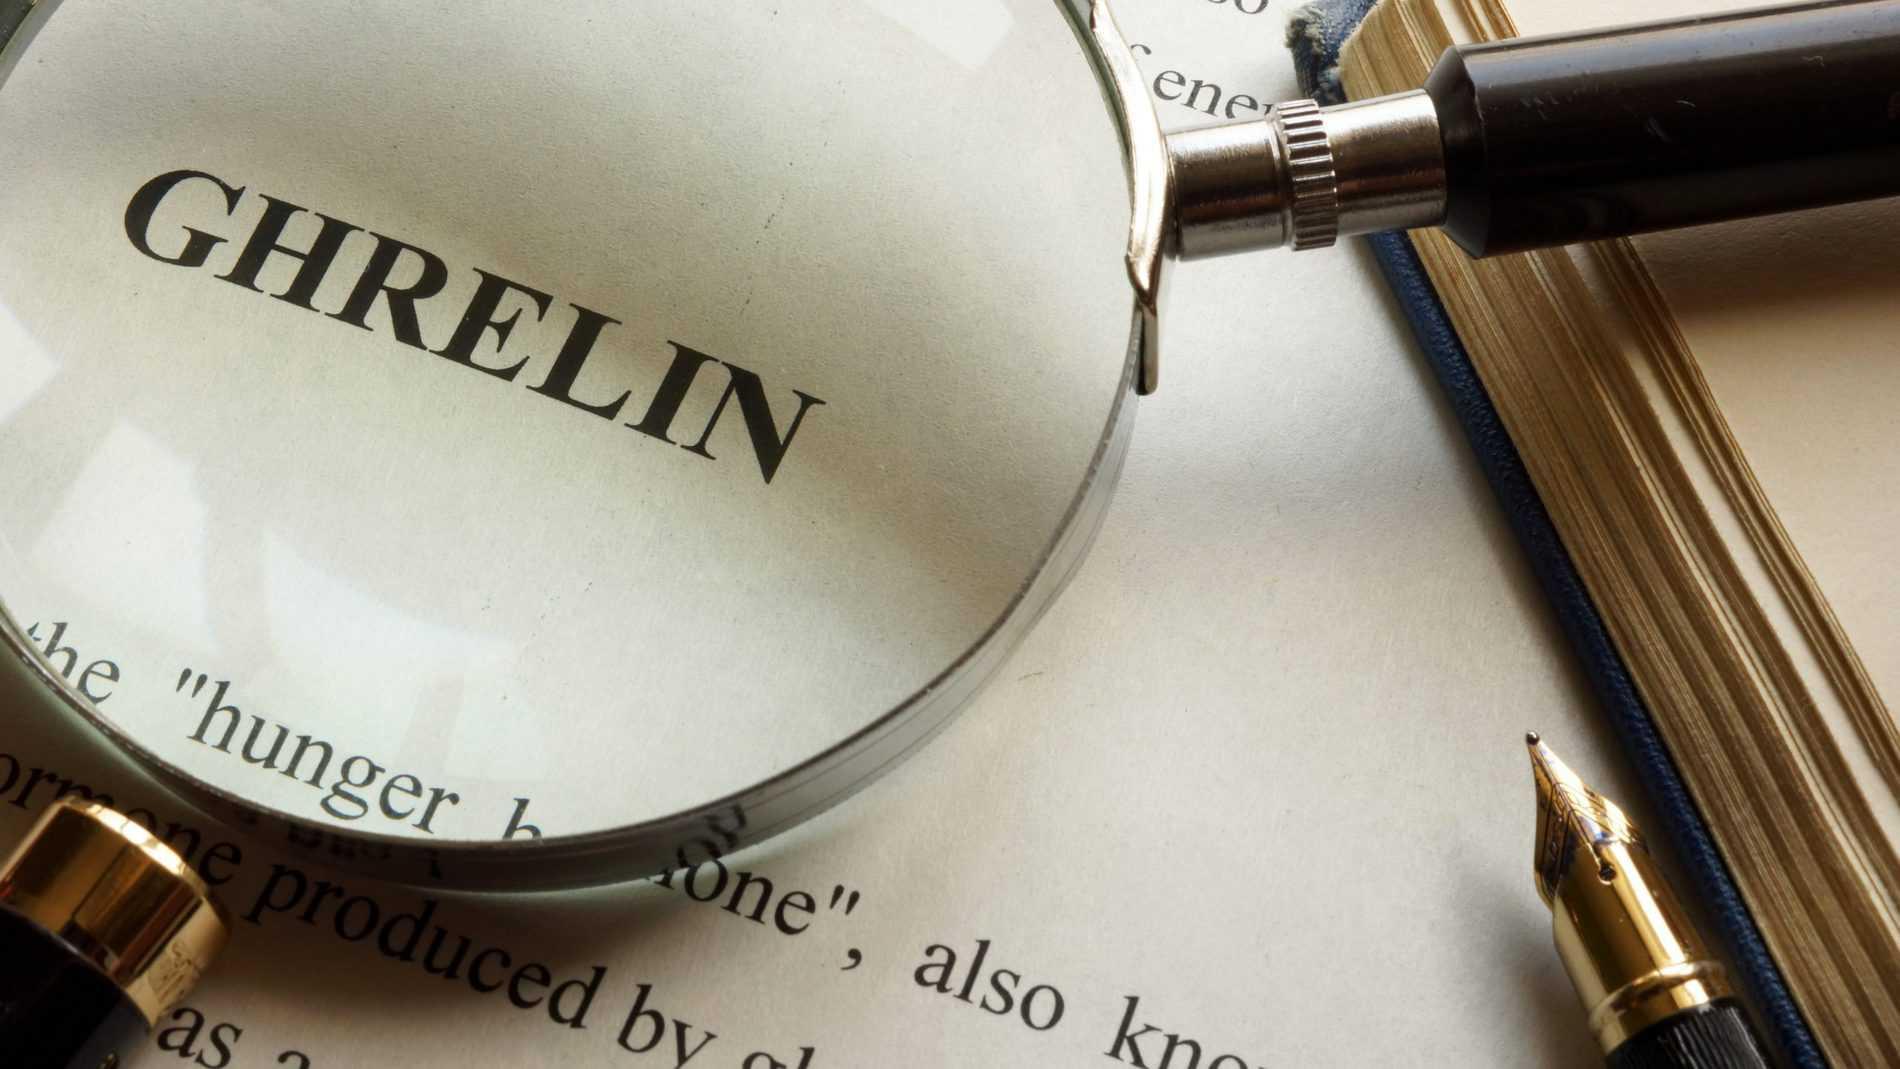 Ghrelin Defined